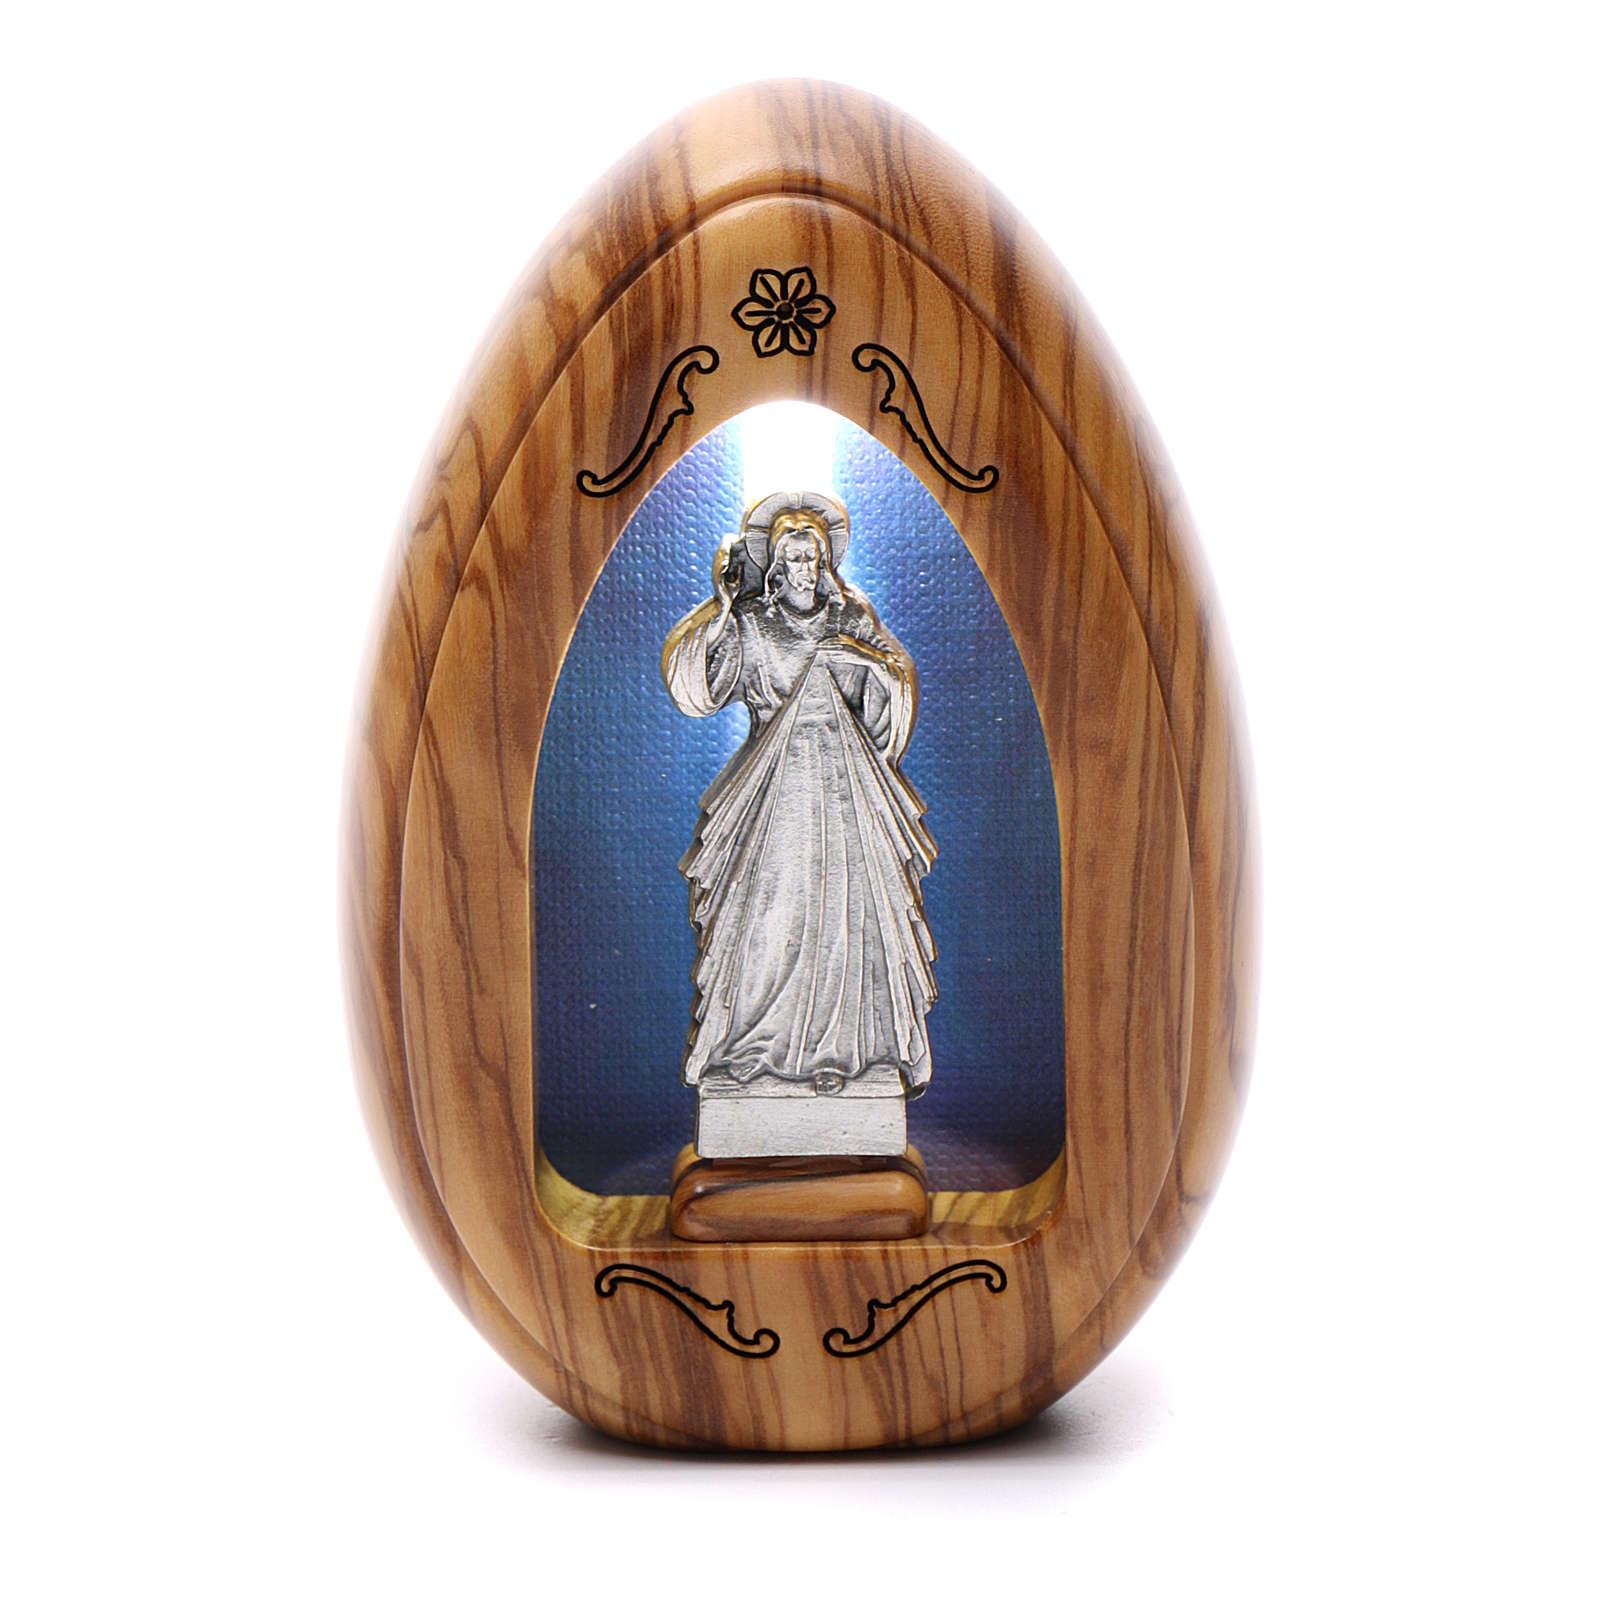 Lumino in legno d'olivo Gesù Misericordioso con led 10X7 cm 3